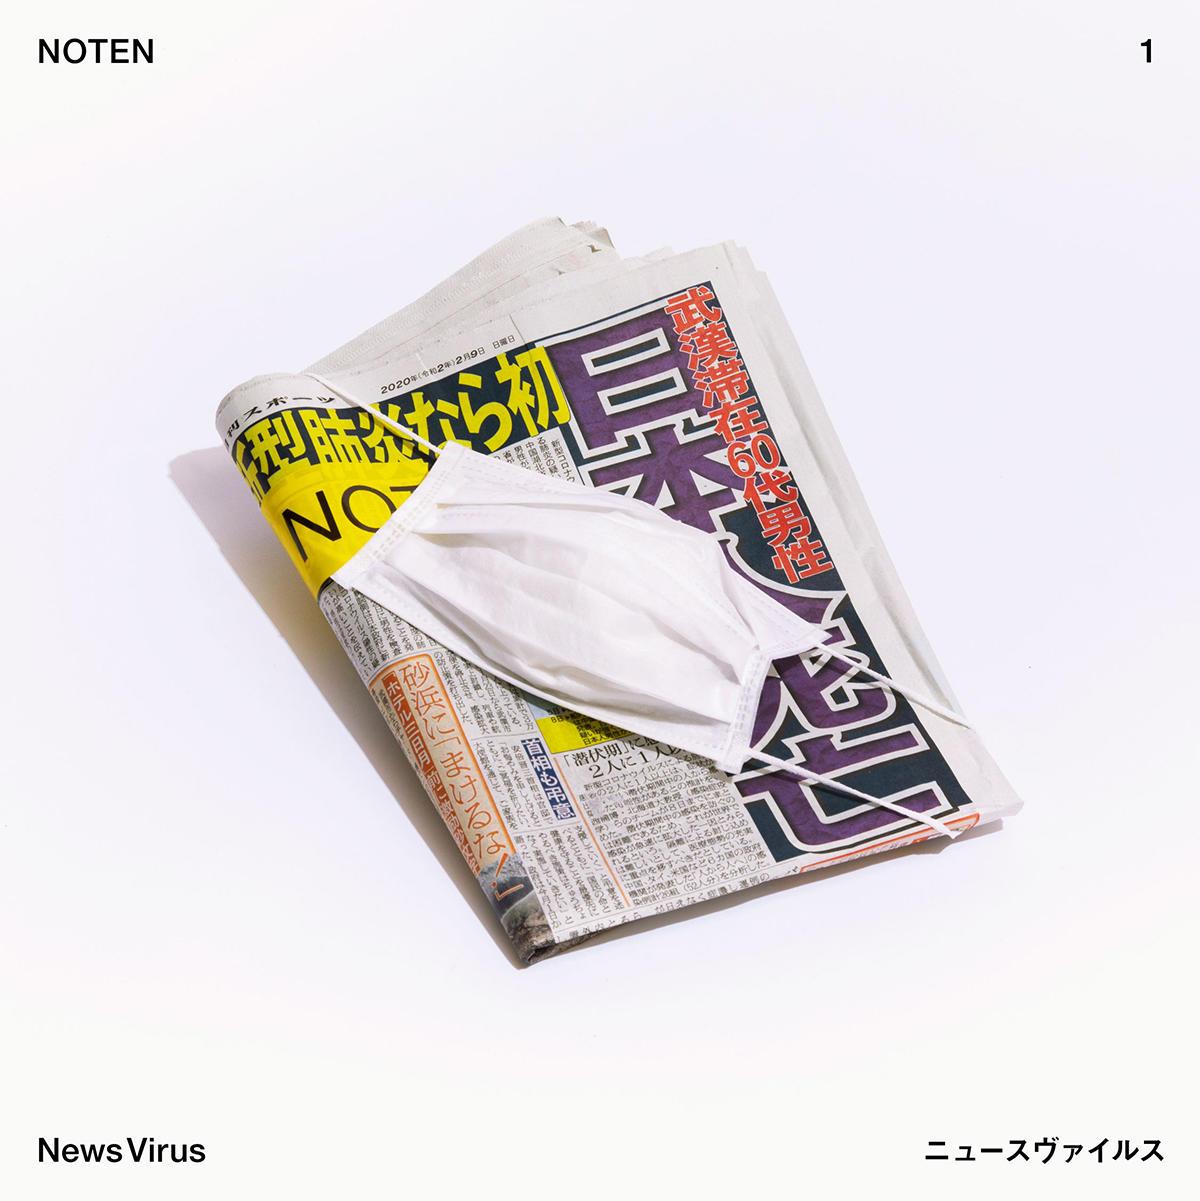 200527_NOTEN_JKT.jpg